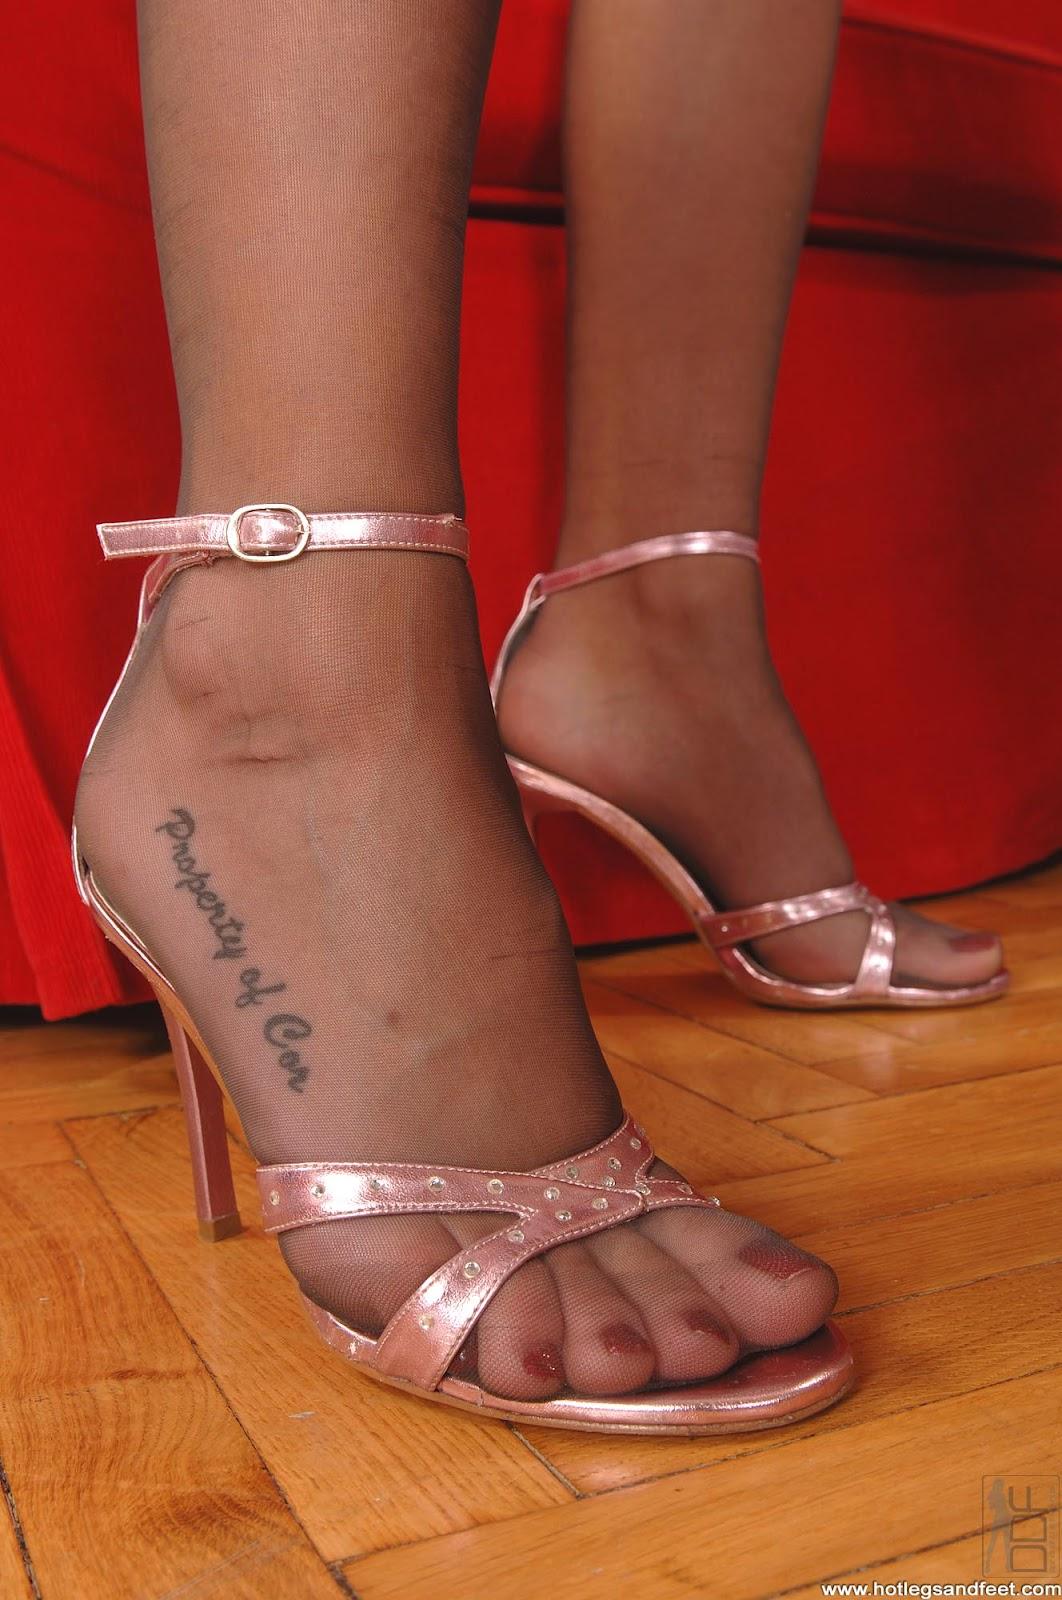 Tattoo convention erlangen